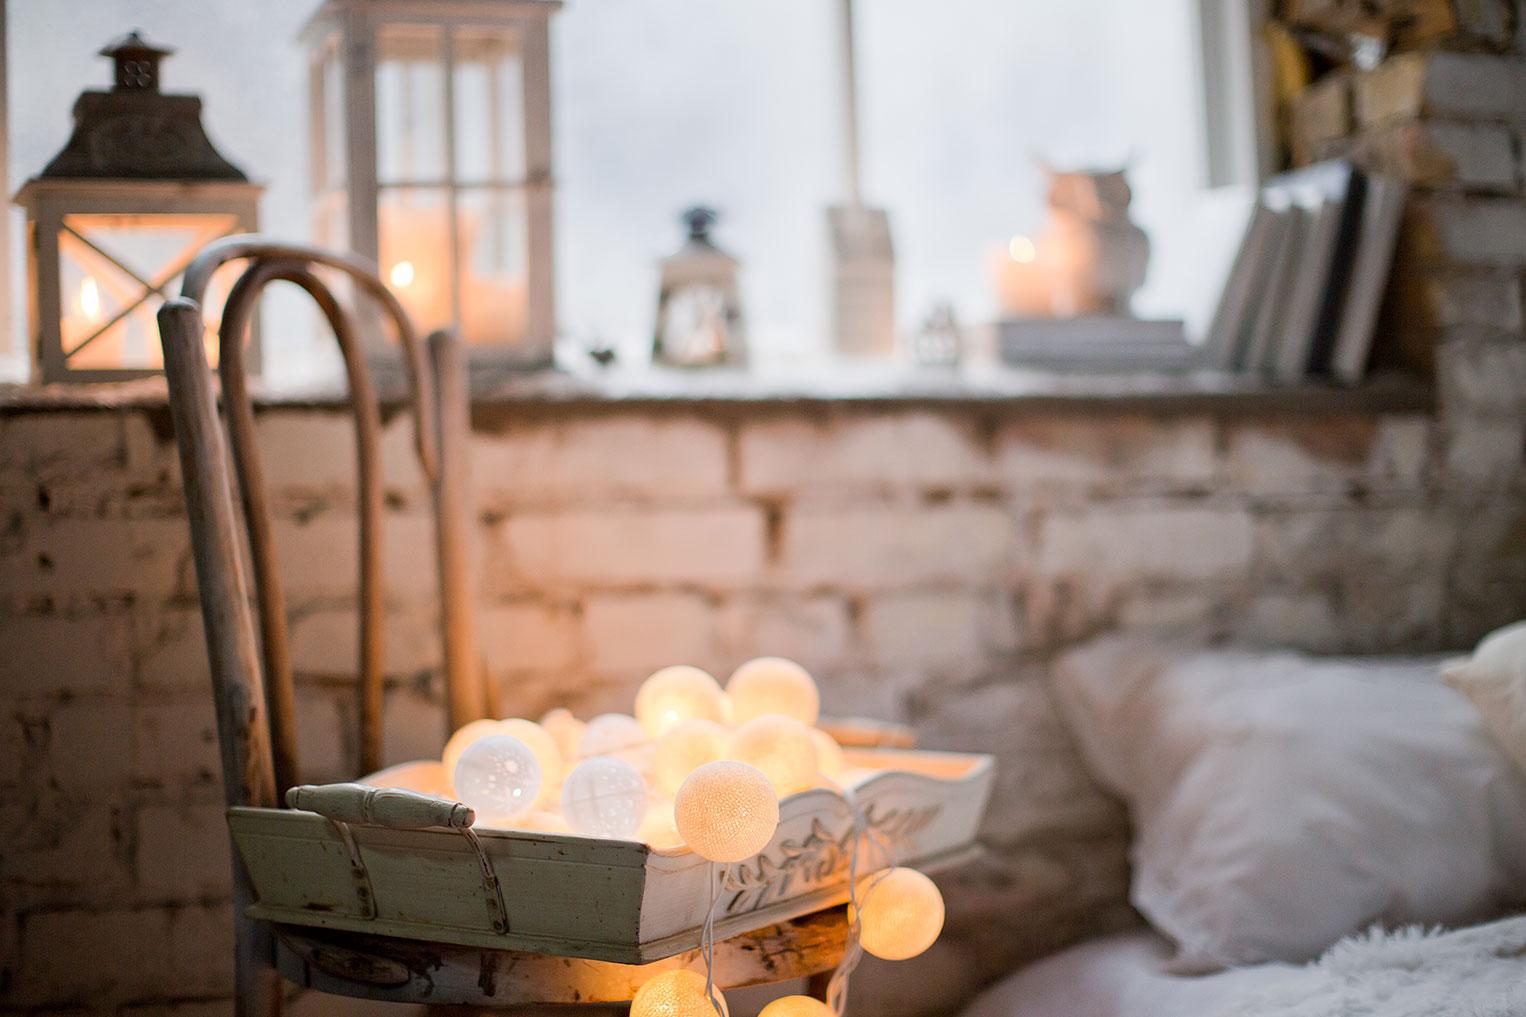 Kynttilöiden valo